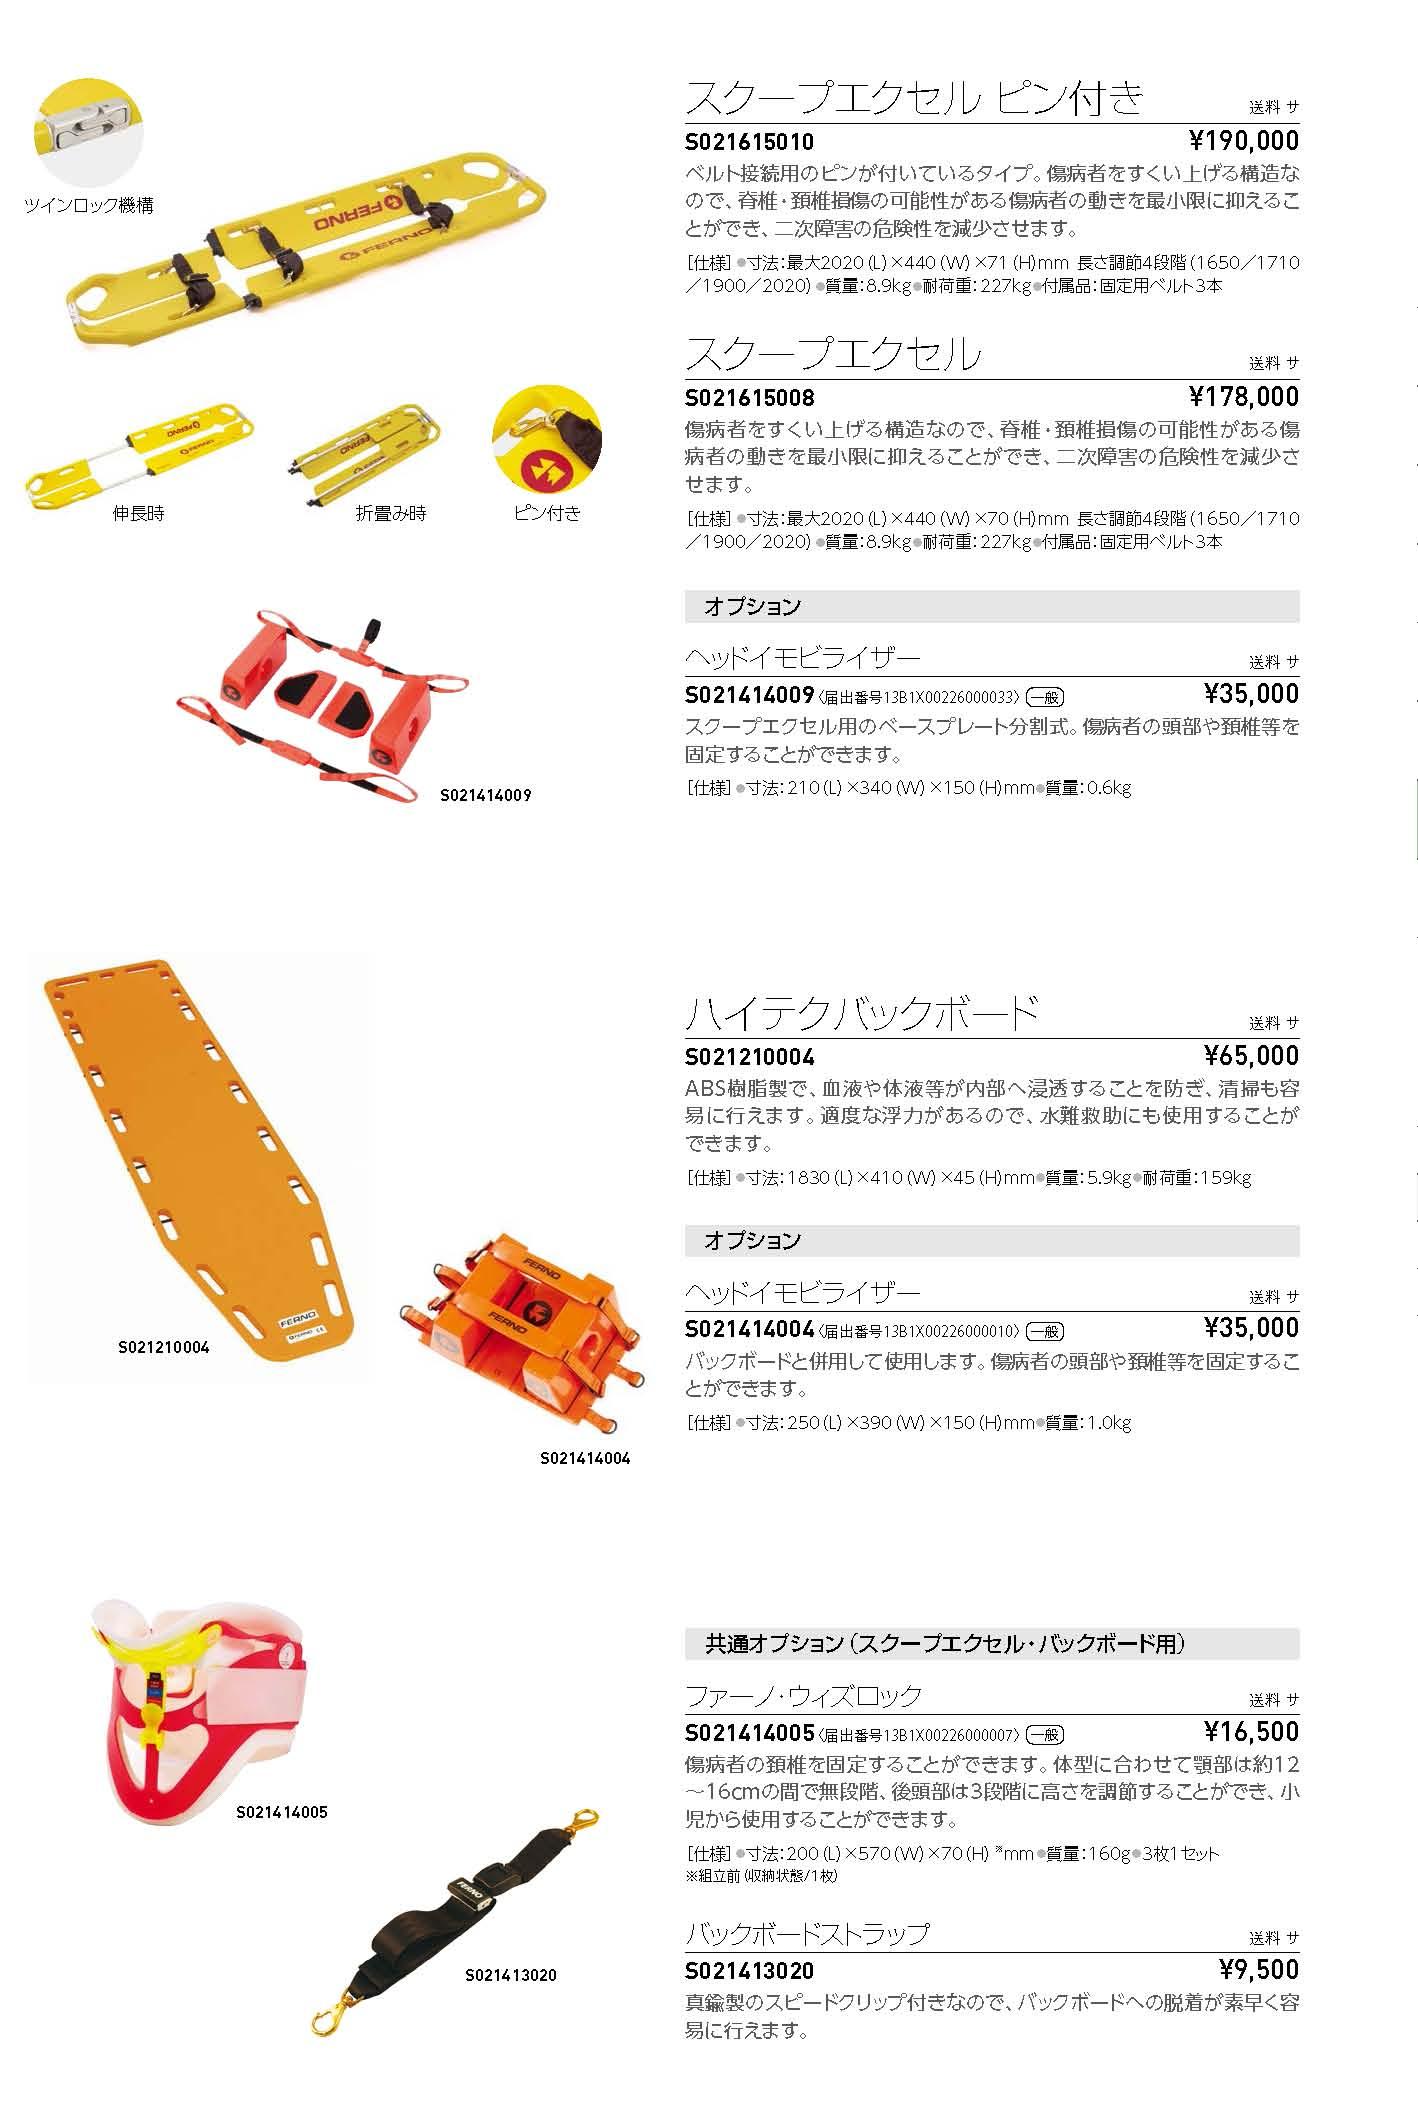 ハイテクバックボードS021210004 ファーノ・ジャパン・インク(sa14Q41994)